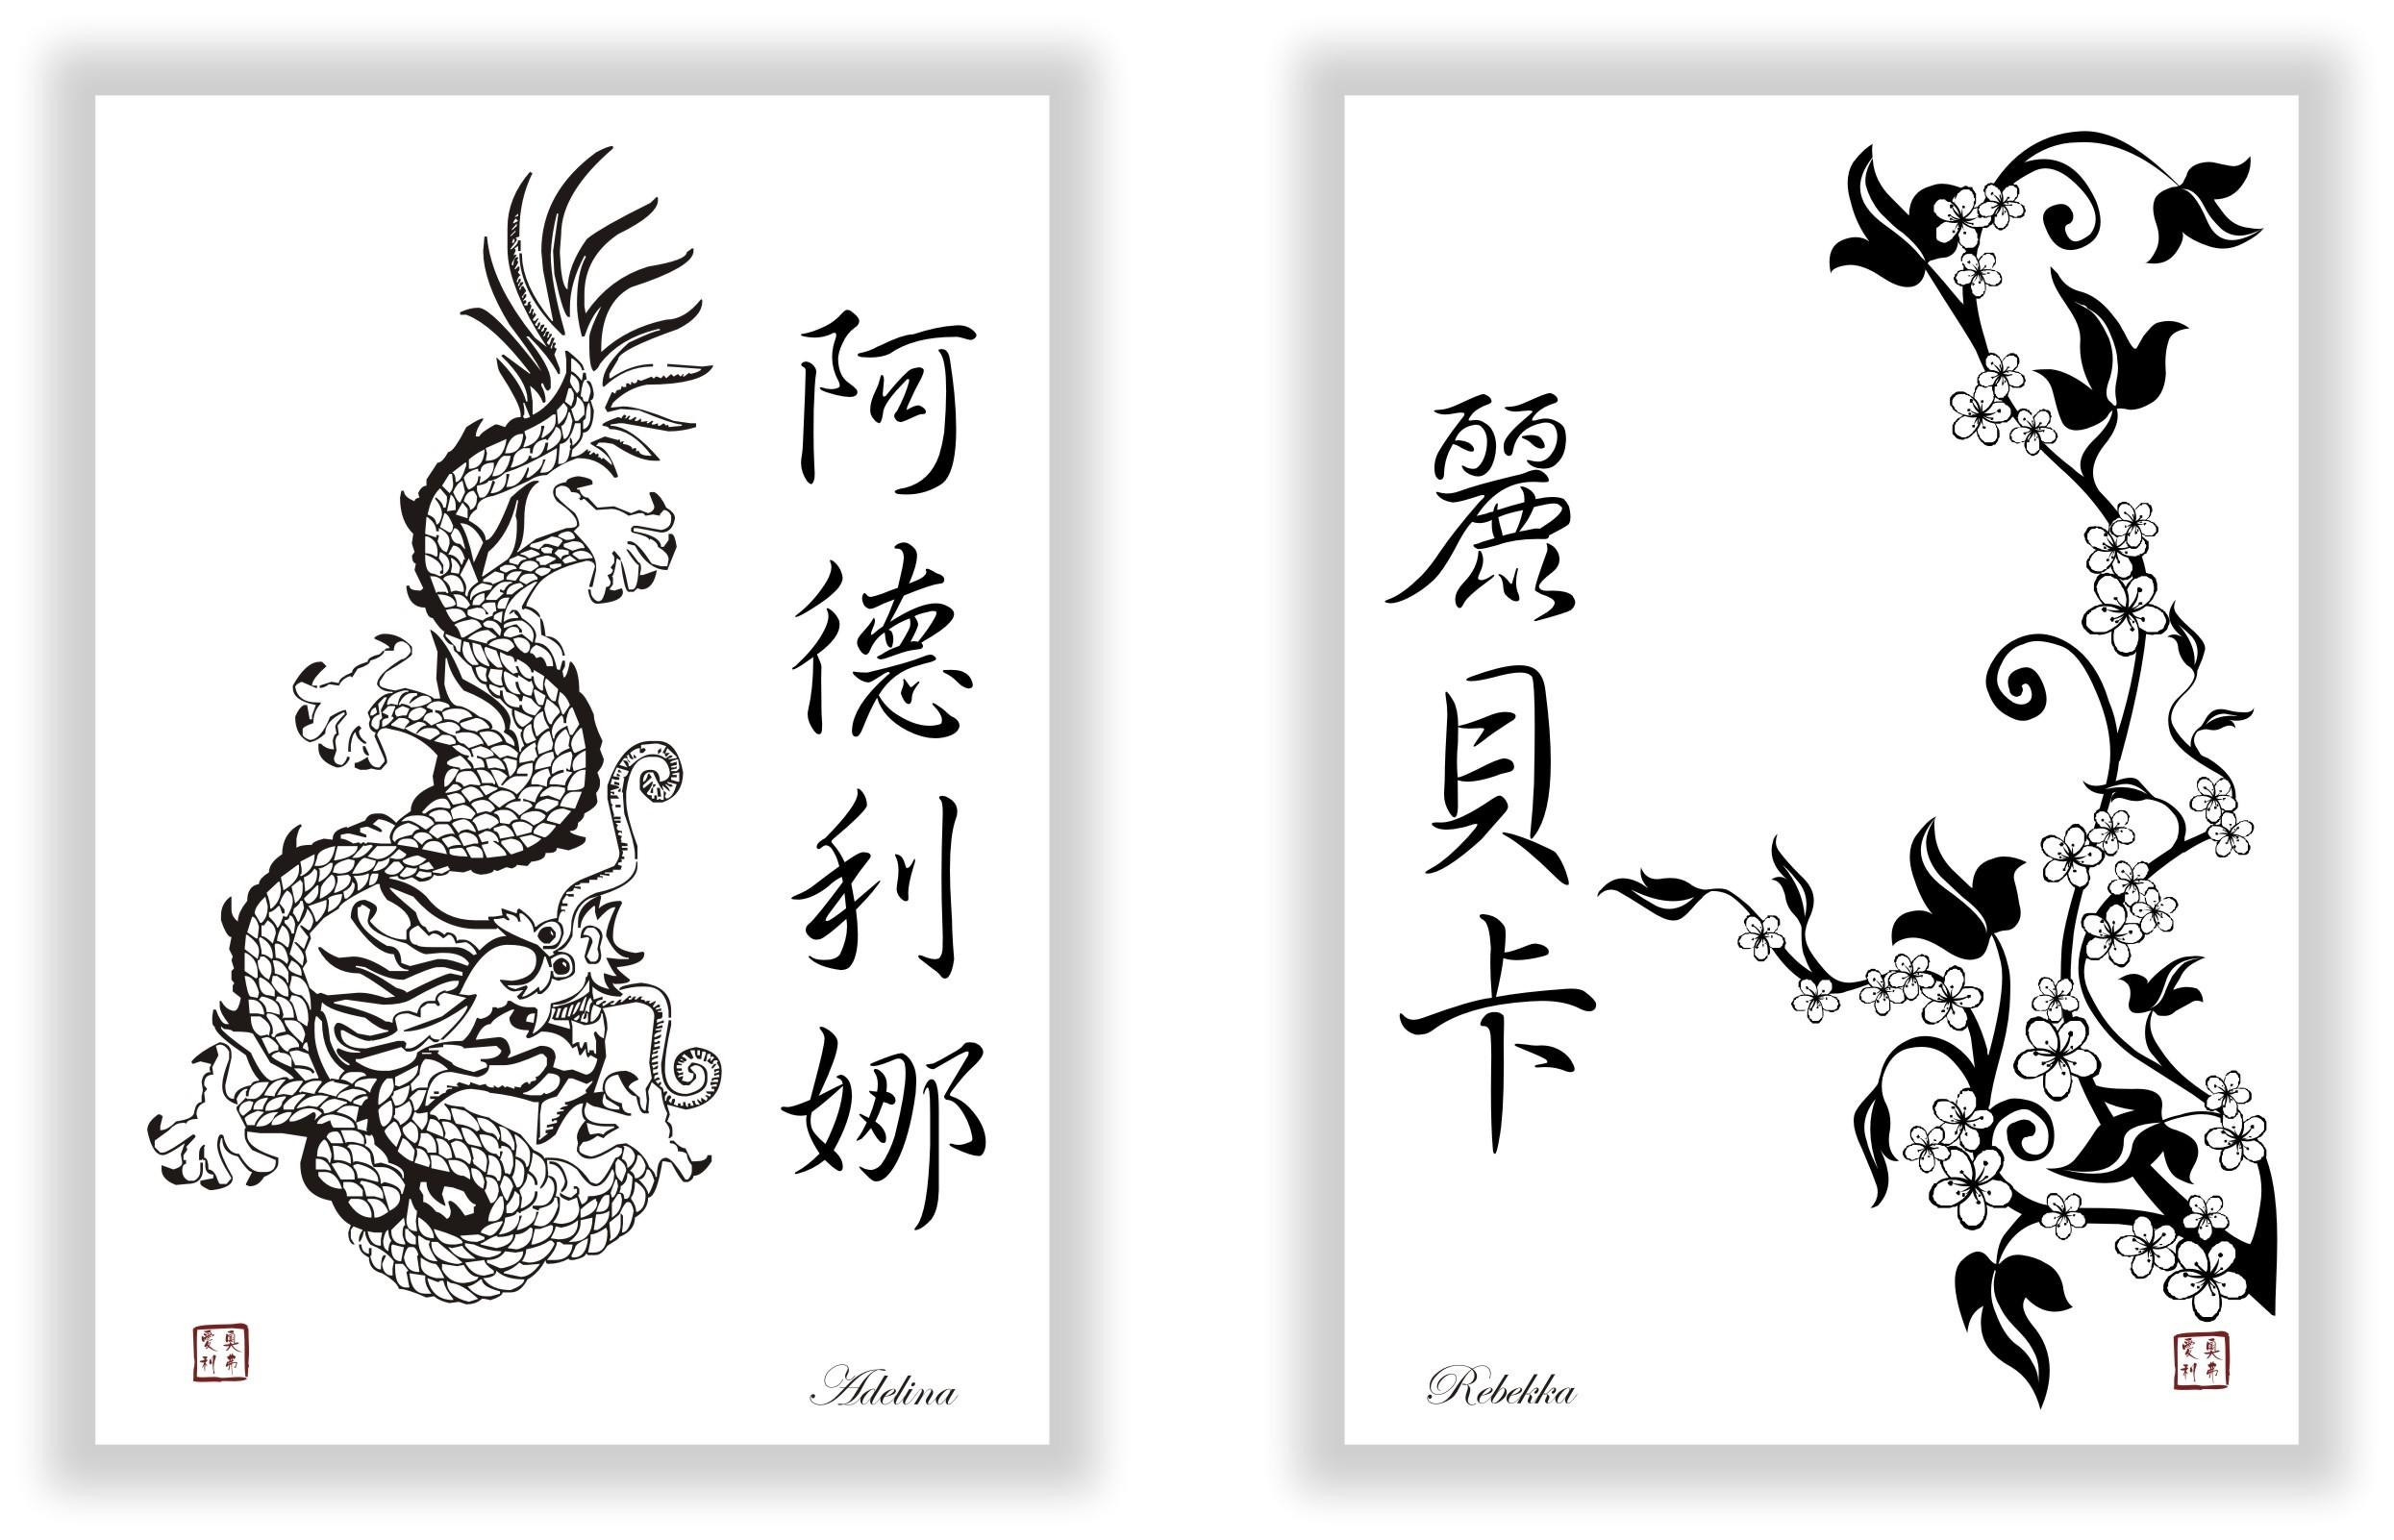 Chinesische Japanische Schriftzeichen China Japan Schrift Zeichen